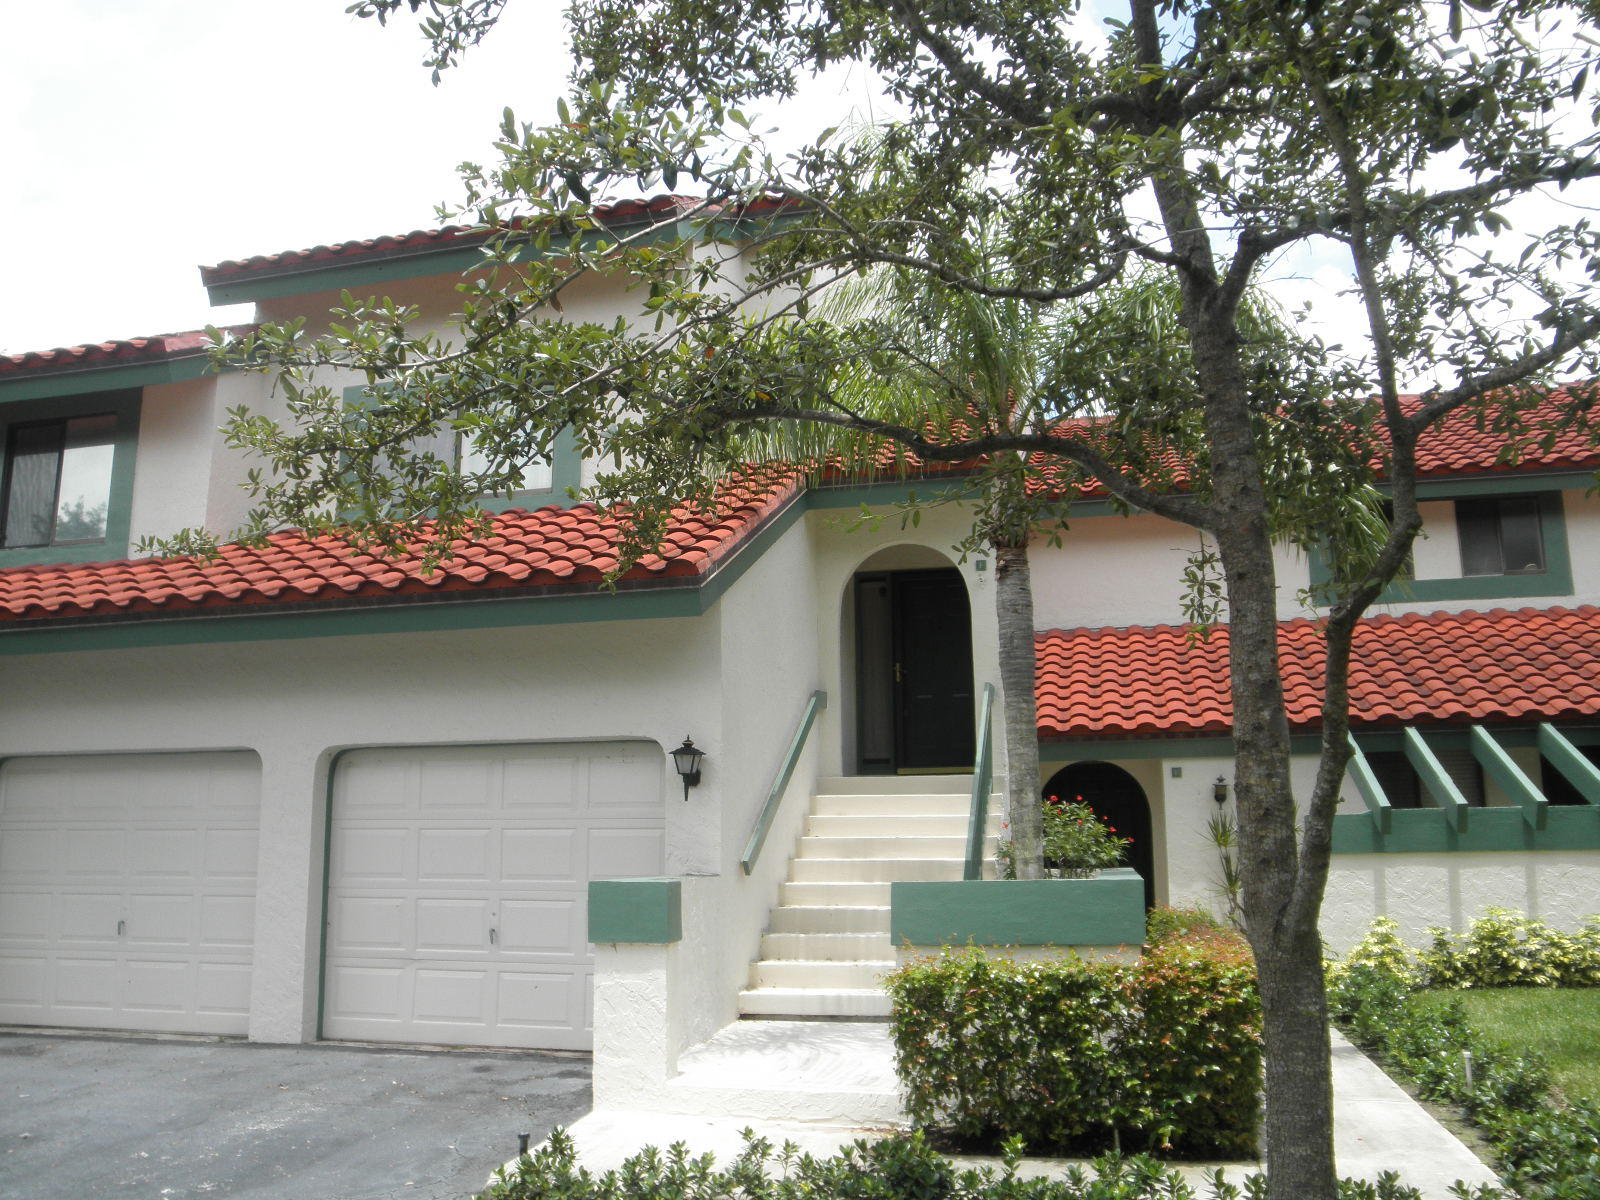 25 Lexington Lane W, Palm Beach Gardens in Palm Beach County, FL 33418 Home for Sale